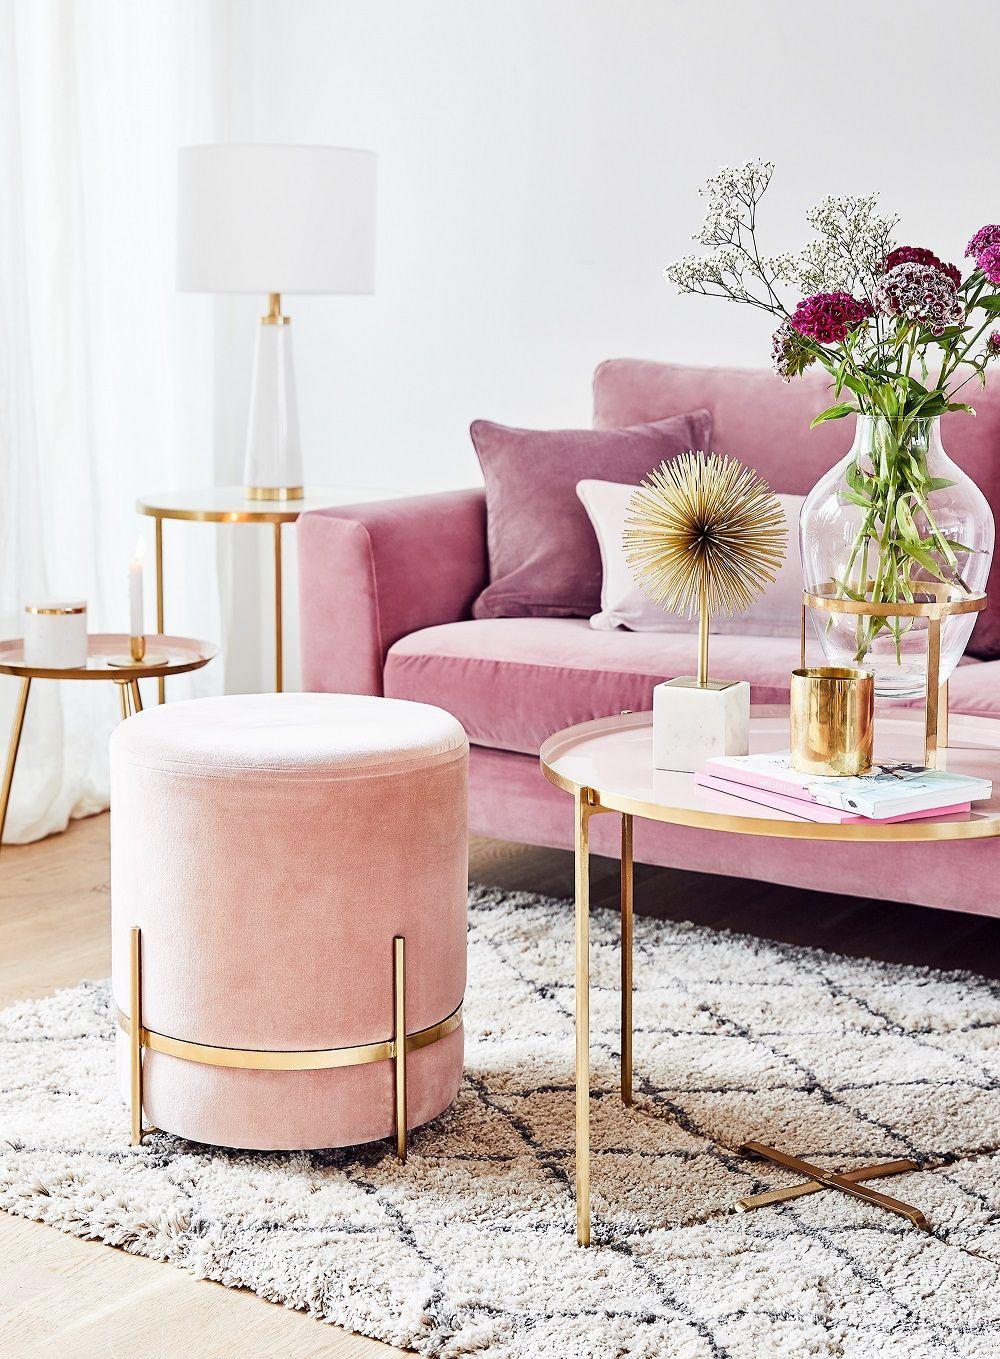 Handgefertigter Couchtisch Jelva | Pinterest | Gold wohnzimmer ...